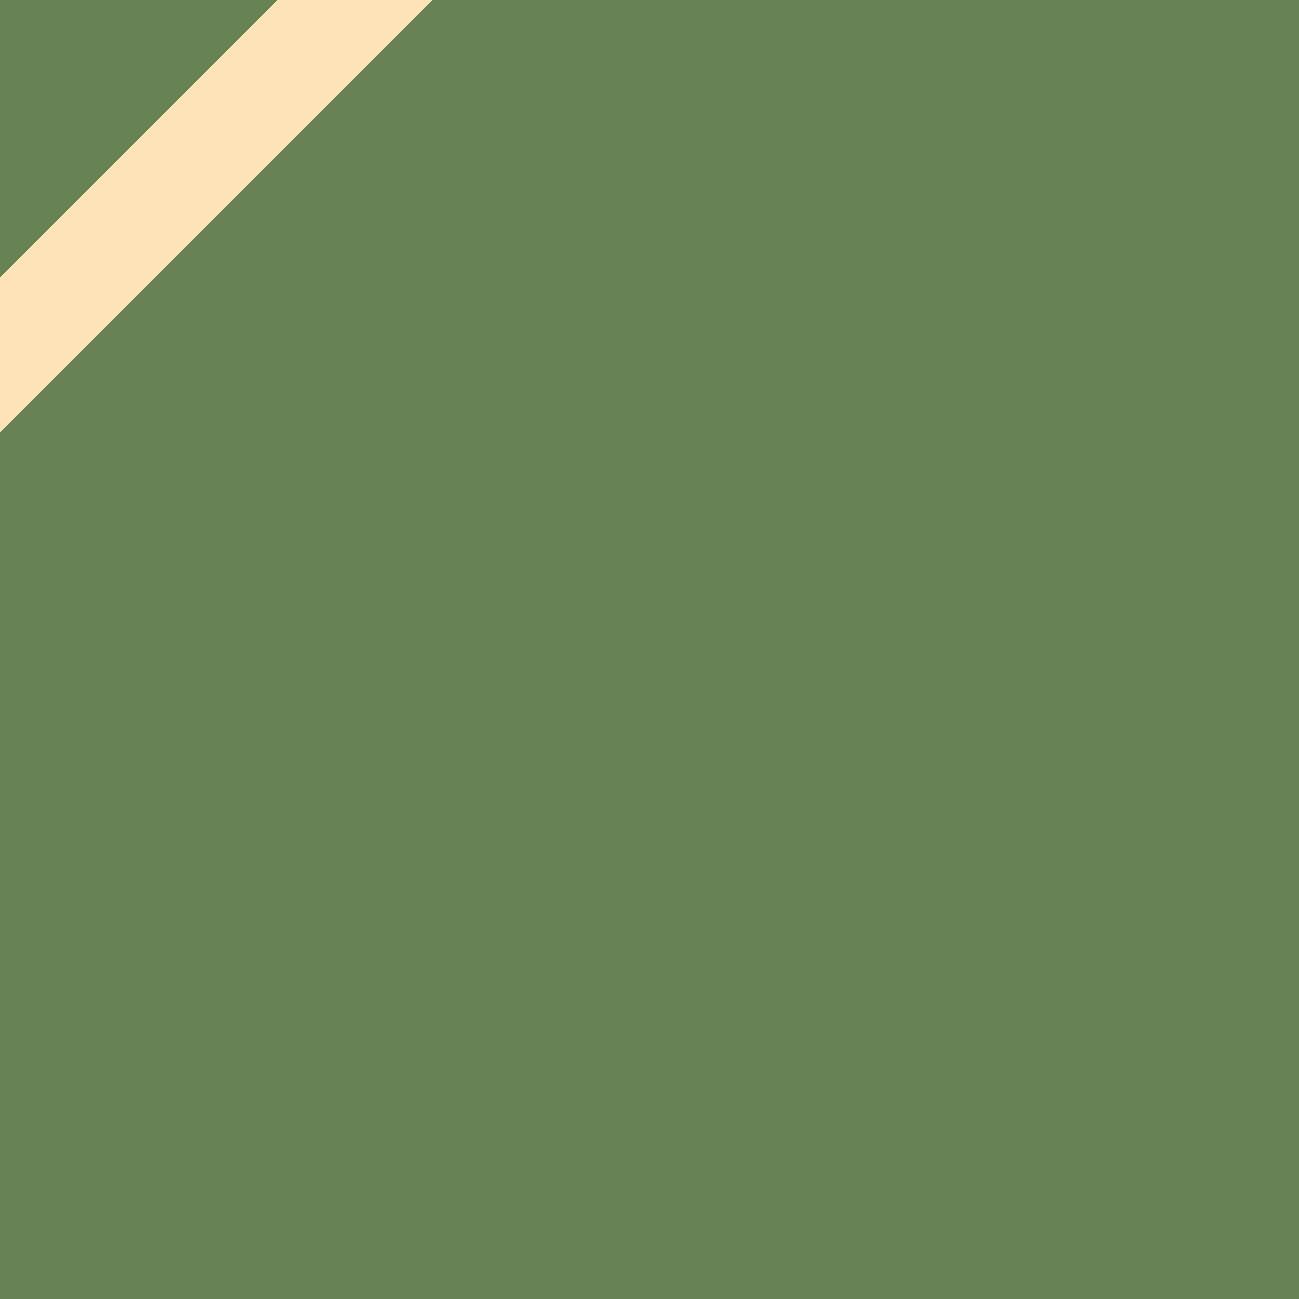 Ulan Bator Green